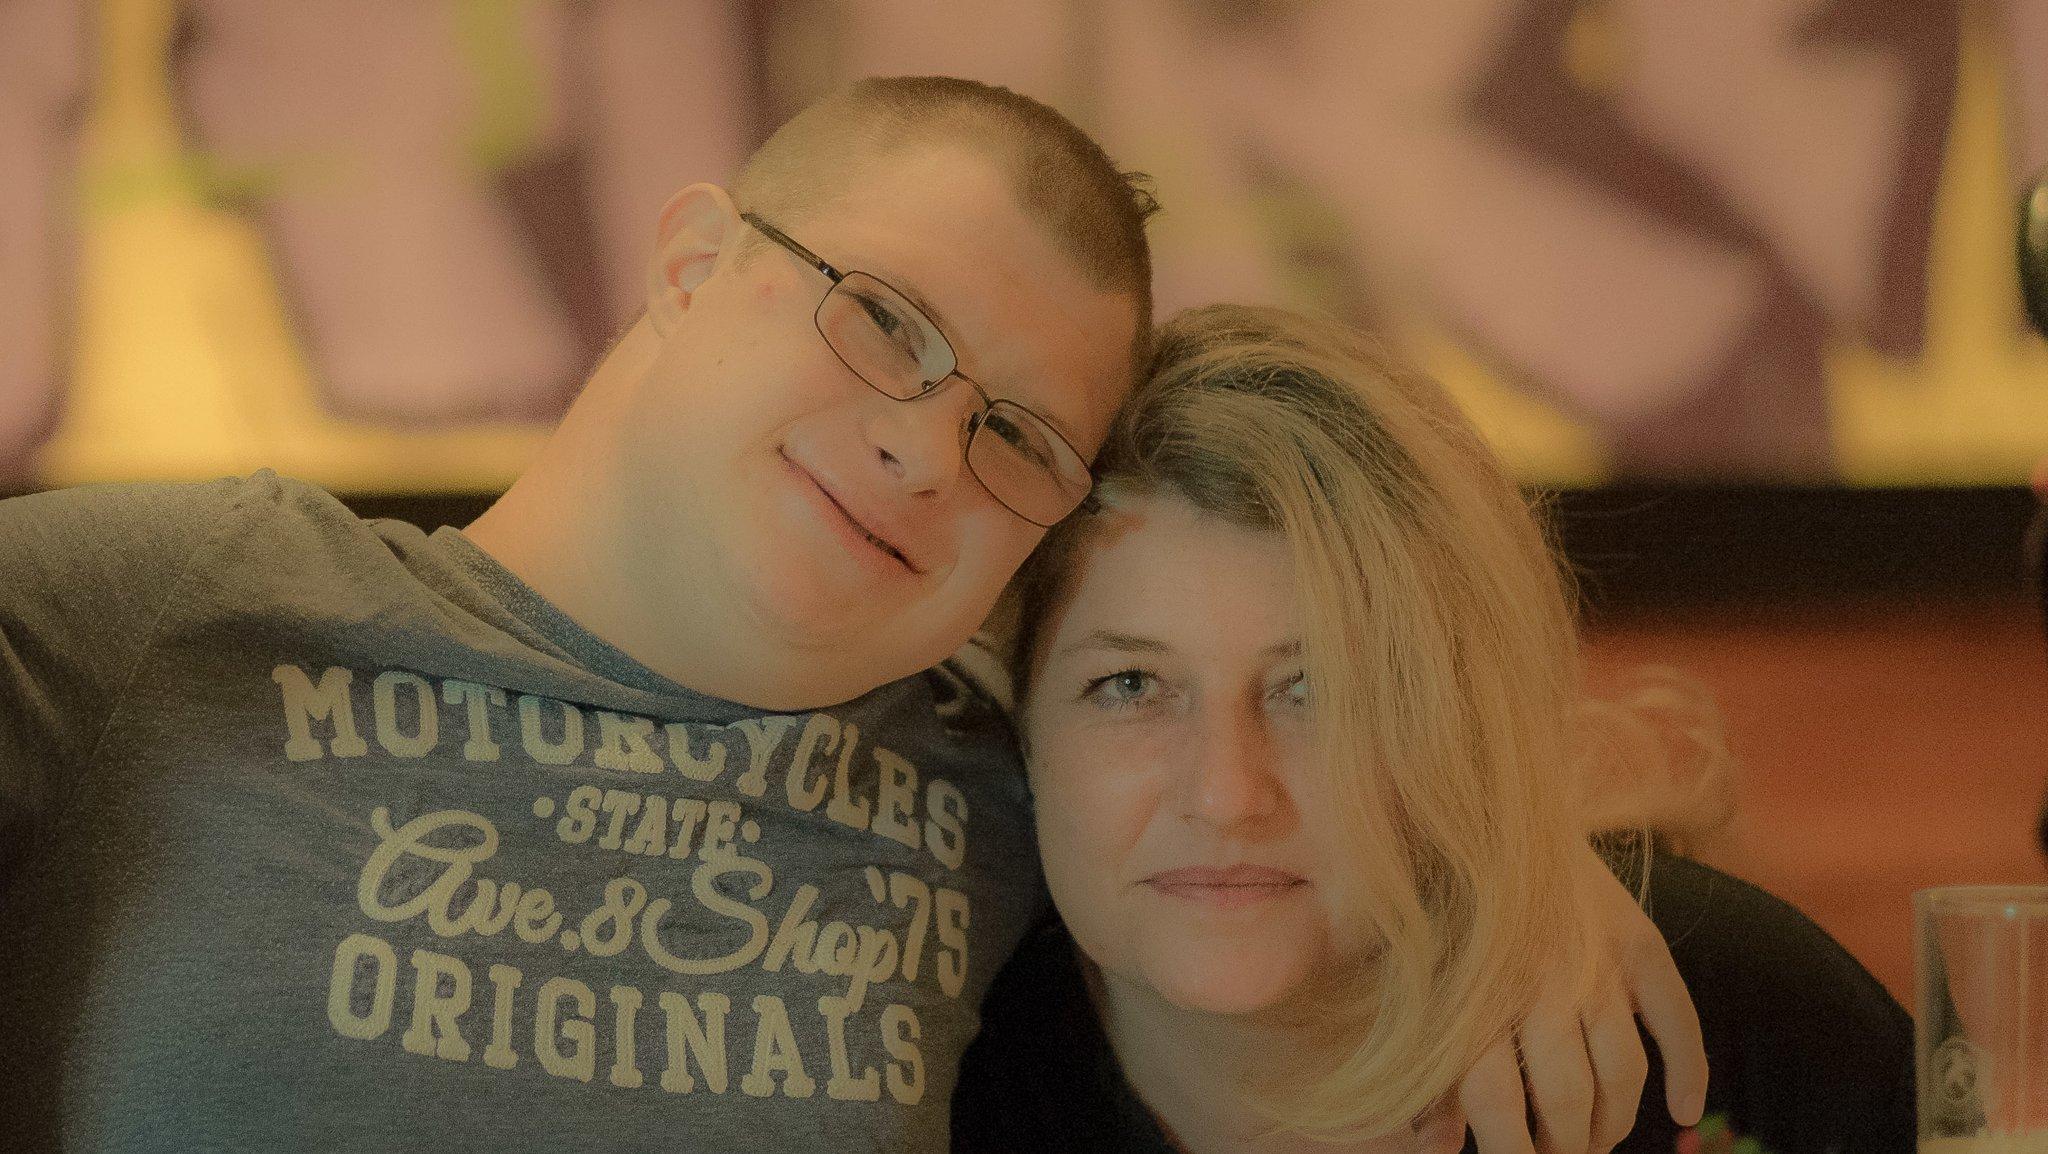 Suche Dating Absam, Single Date sterreich Graz Wetzelsdorf